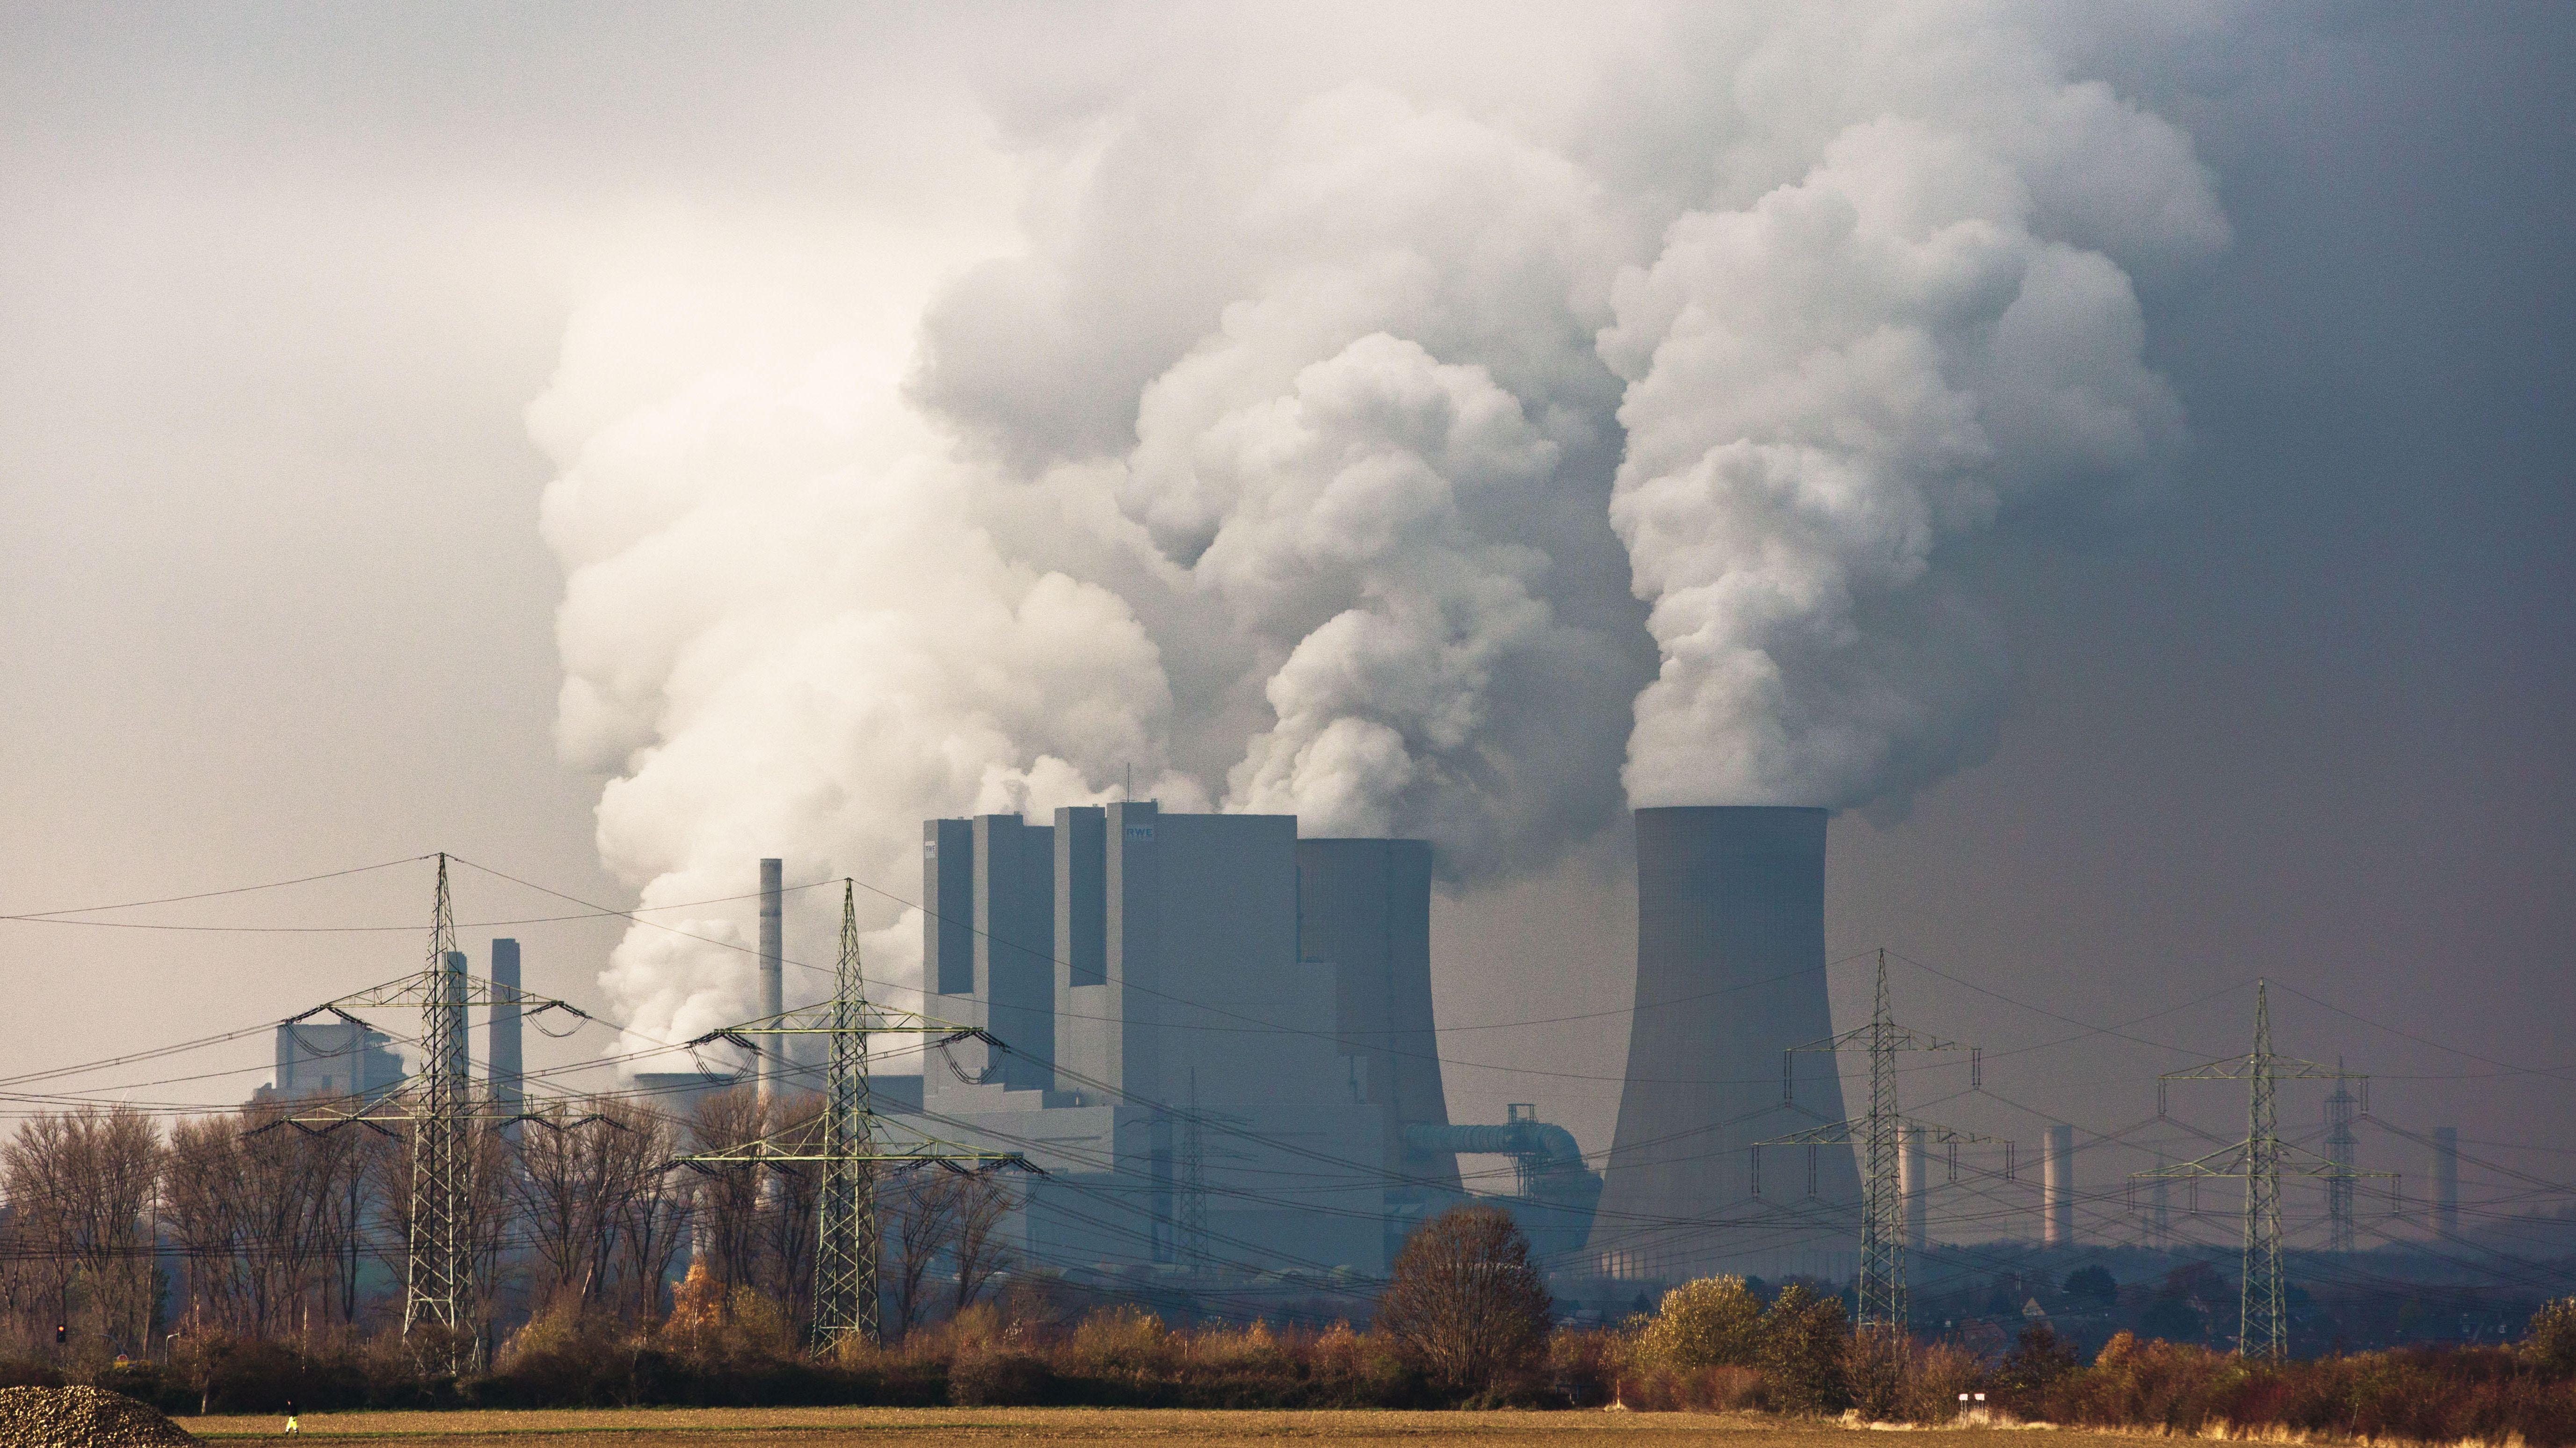 Das Braunkohlekraftwerk von RWE im nordrhein-westfälischen Neurath